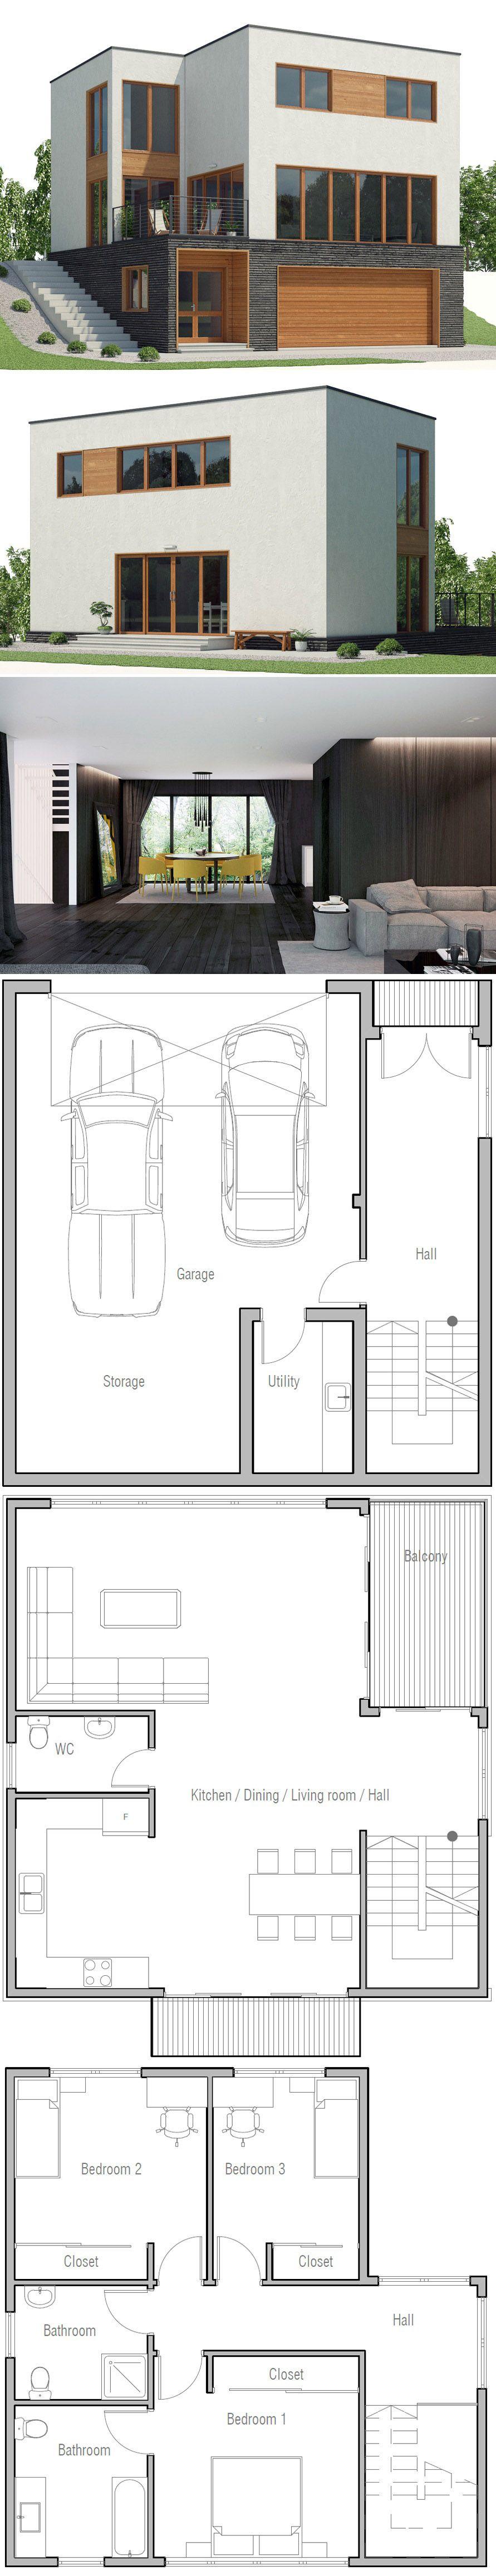 Planta De Casa Casa Moderna Planos De Casa Housing Ideas In 2018 - Plano-casas-modernas